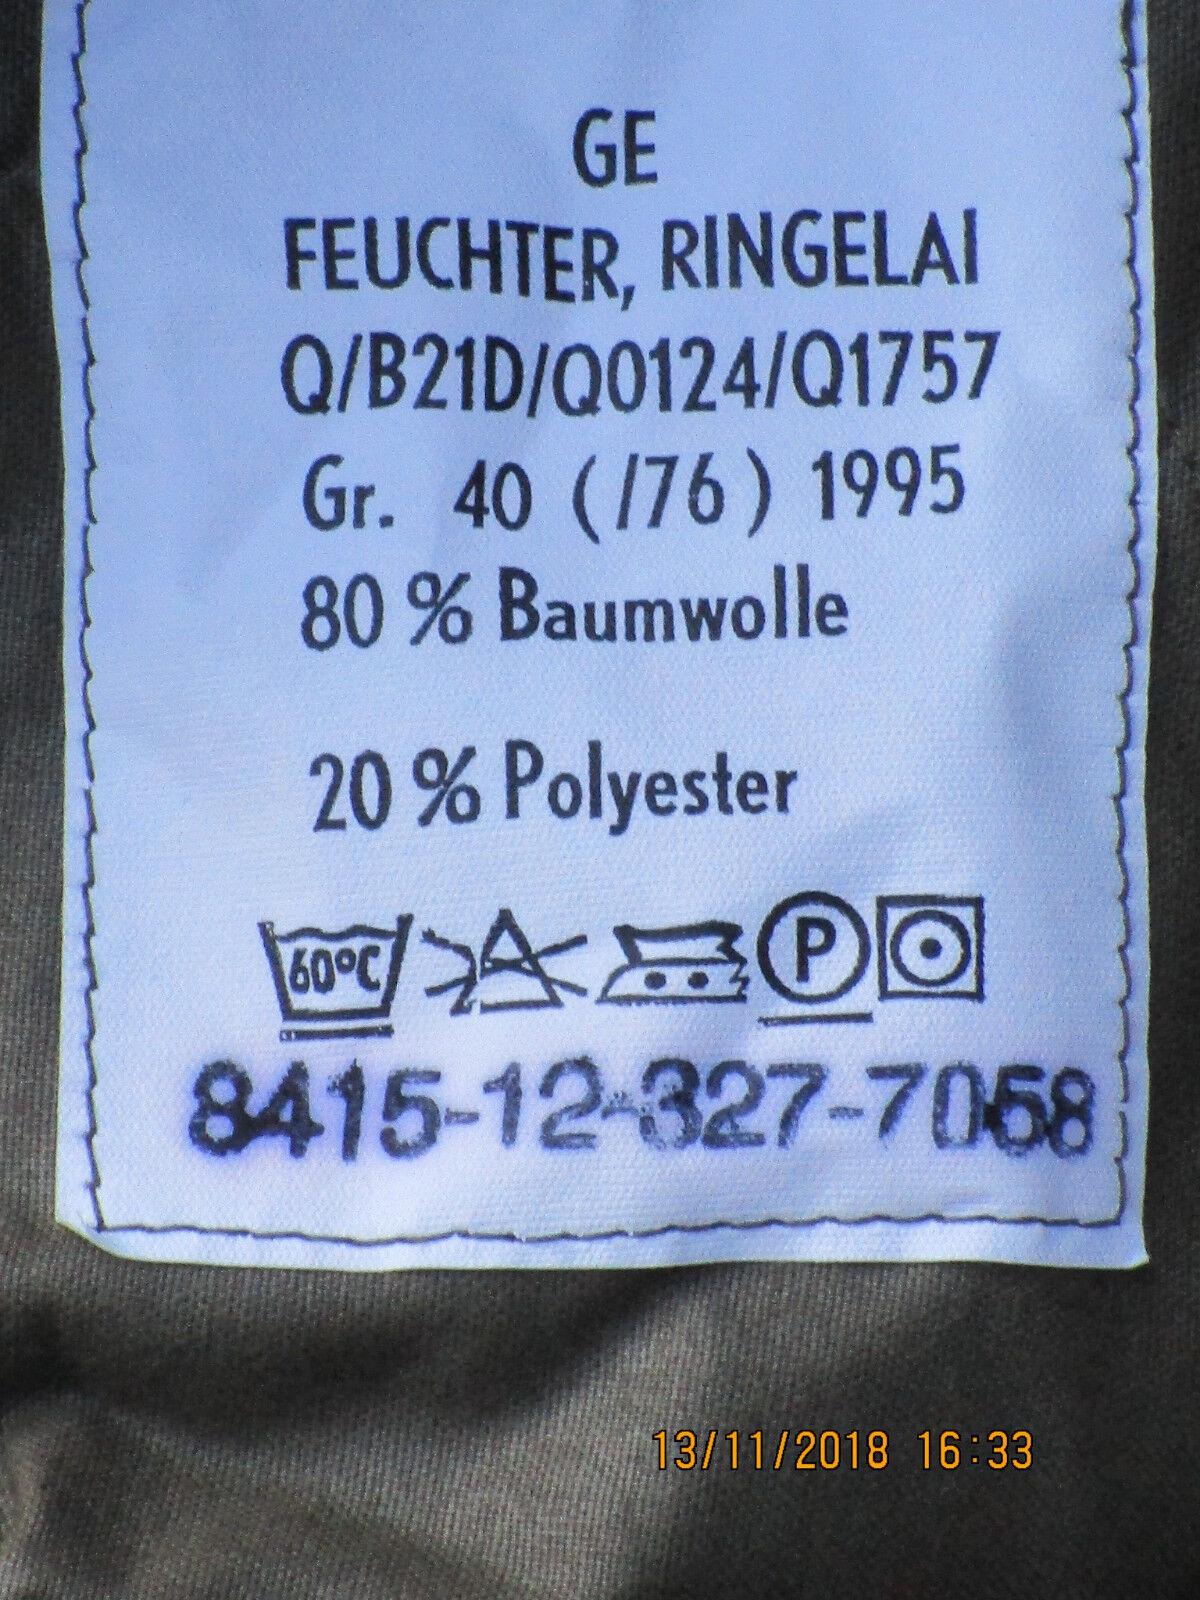 Bundeswehr Mujeres Pantalón de Campo Pantalón 40 Camuflaje Talla 40 Pantalón (76),Fecha 1995 e3b51a